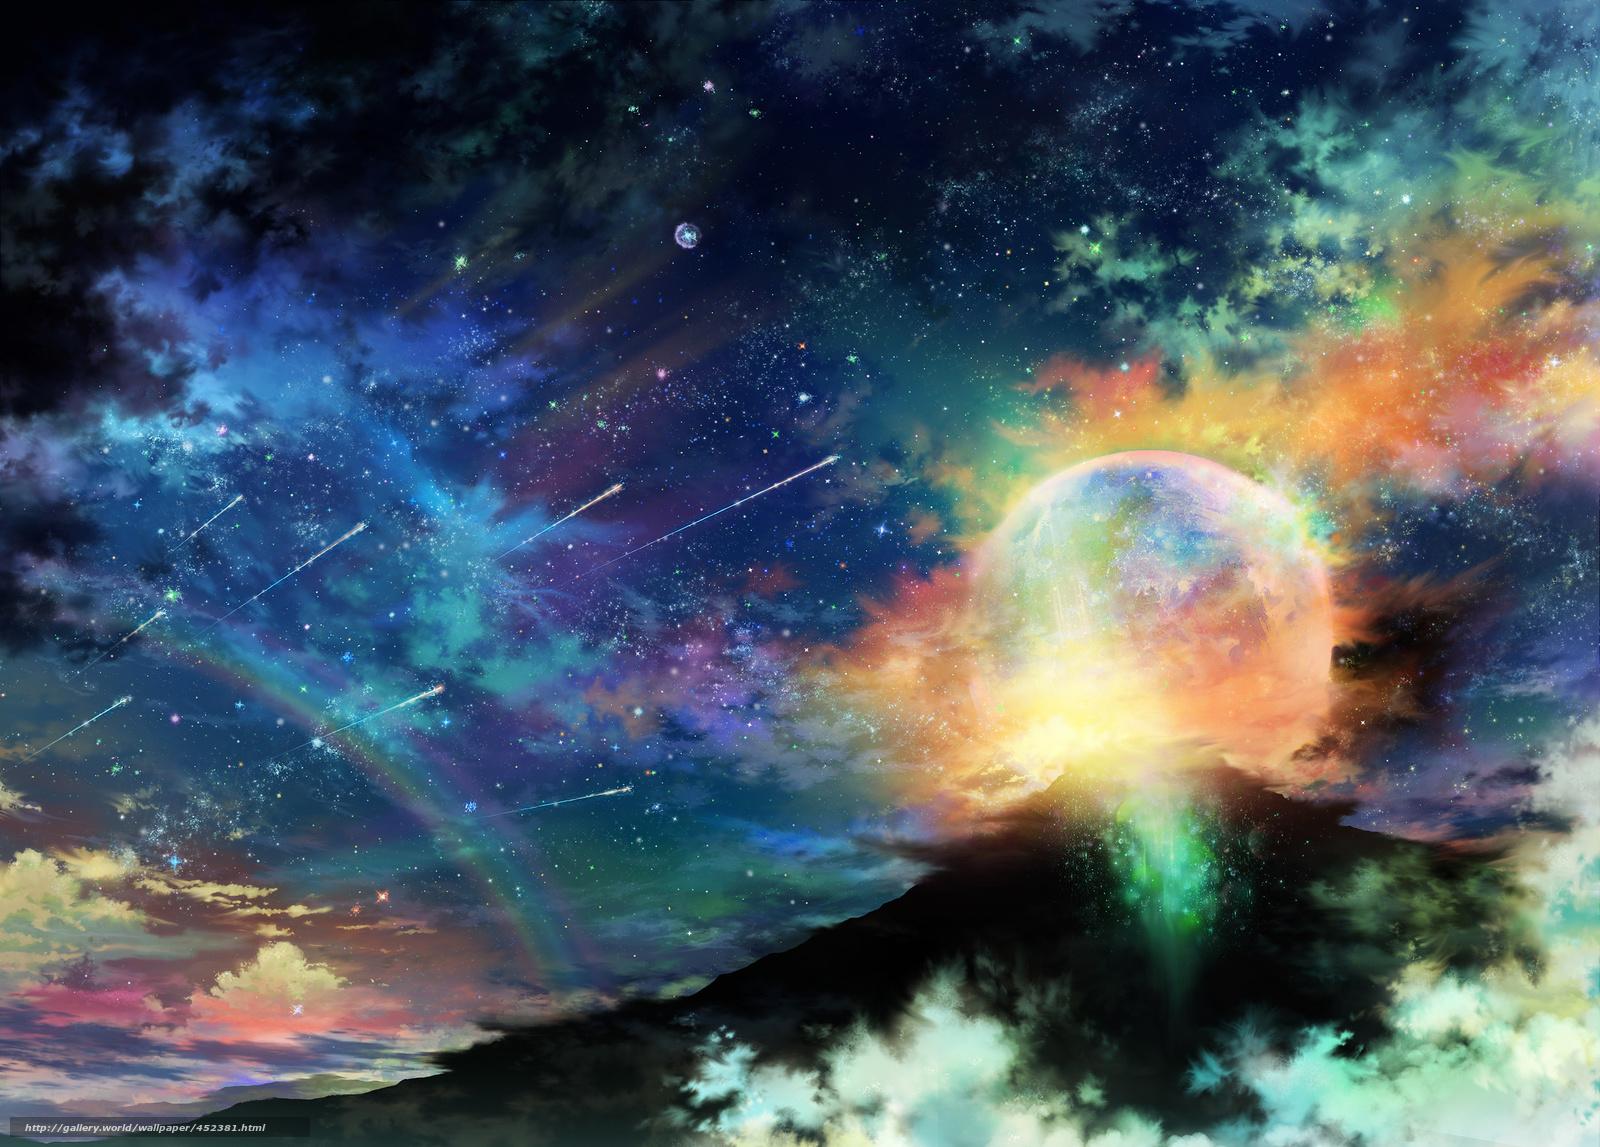 Скачать на телефон обои фото картинку на тему арт, tsujiki, планета, ночь, звезды, облака, радуга, разширение 2480x1778